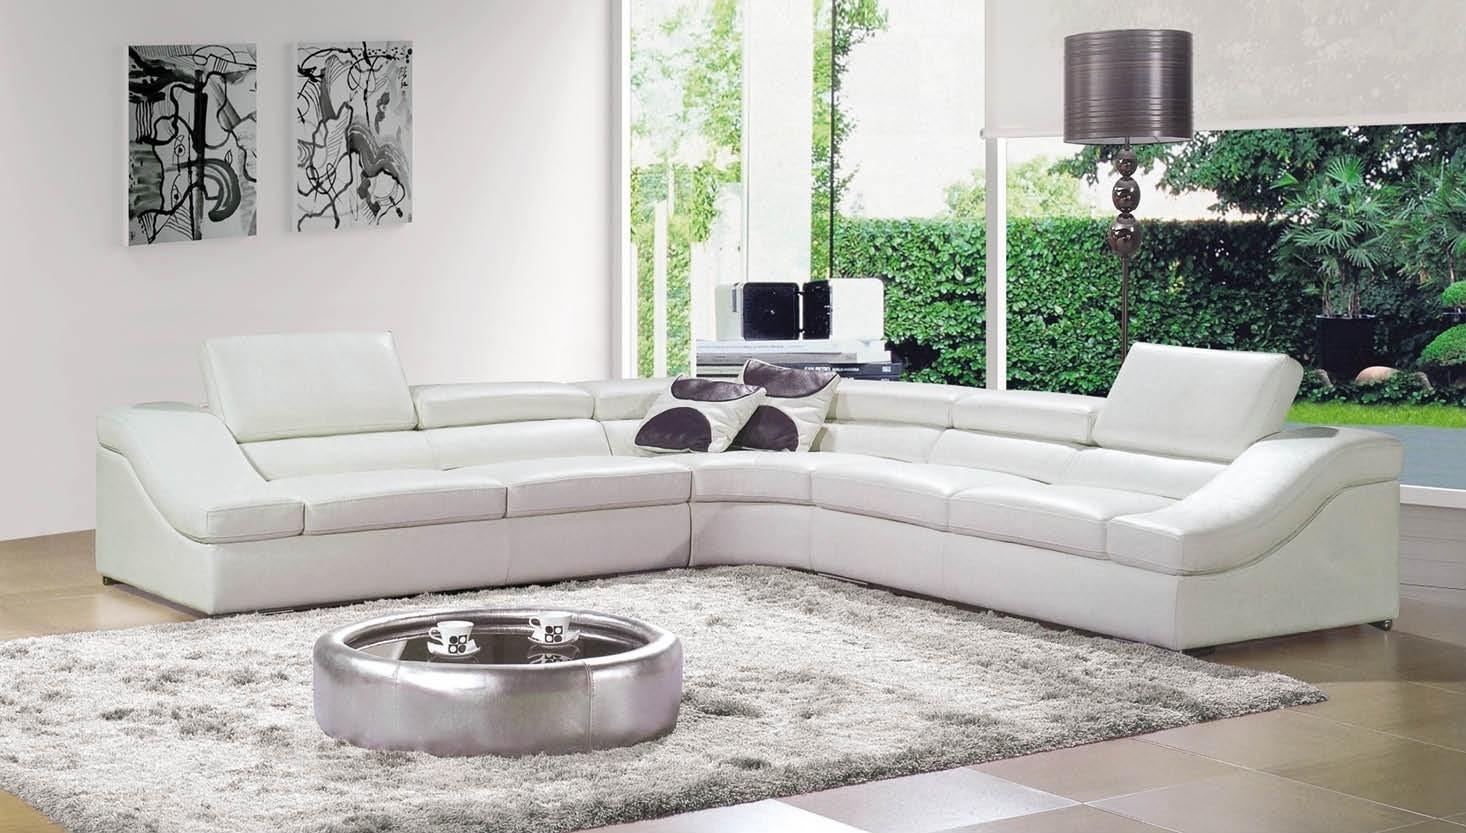 Chiếc bàn màu bạc tạo điểm nhấn cho phòng khách